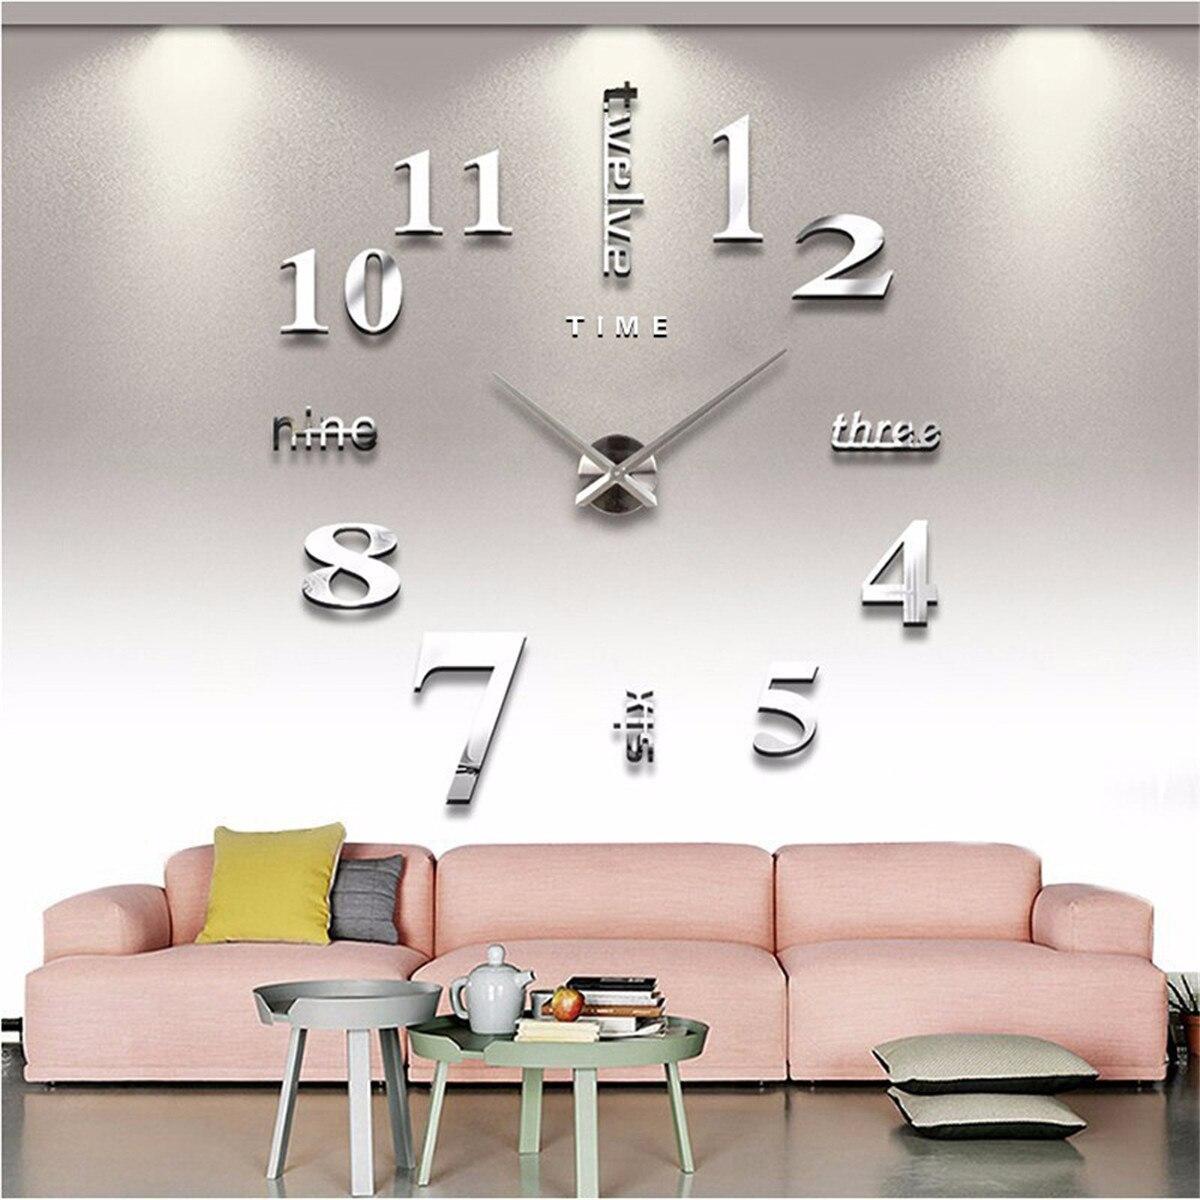 3D horloge murale miroir Stickers muraux créatifs bricolage horloges murales amovible Art décalcomanie autocollant décor à la maison salon Quartz aiguille chaude